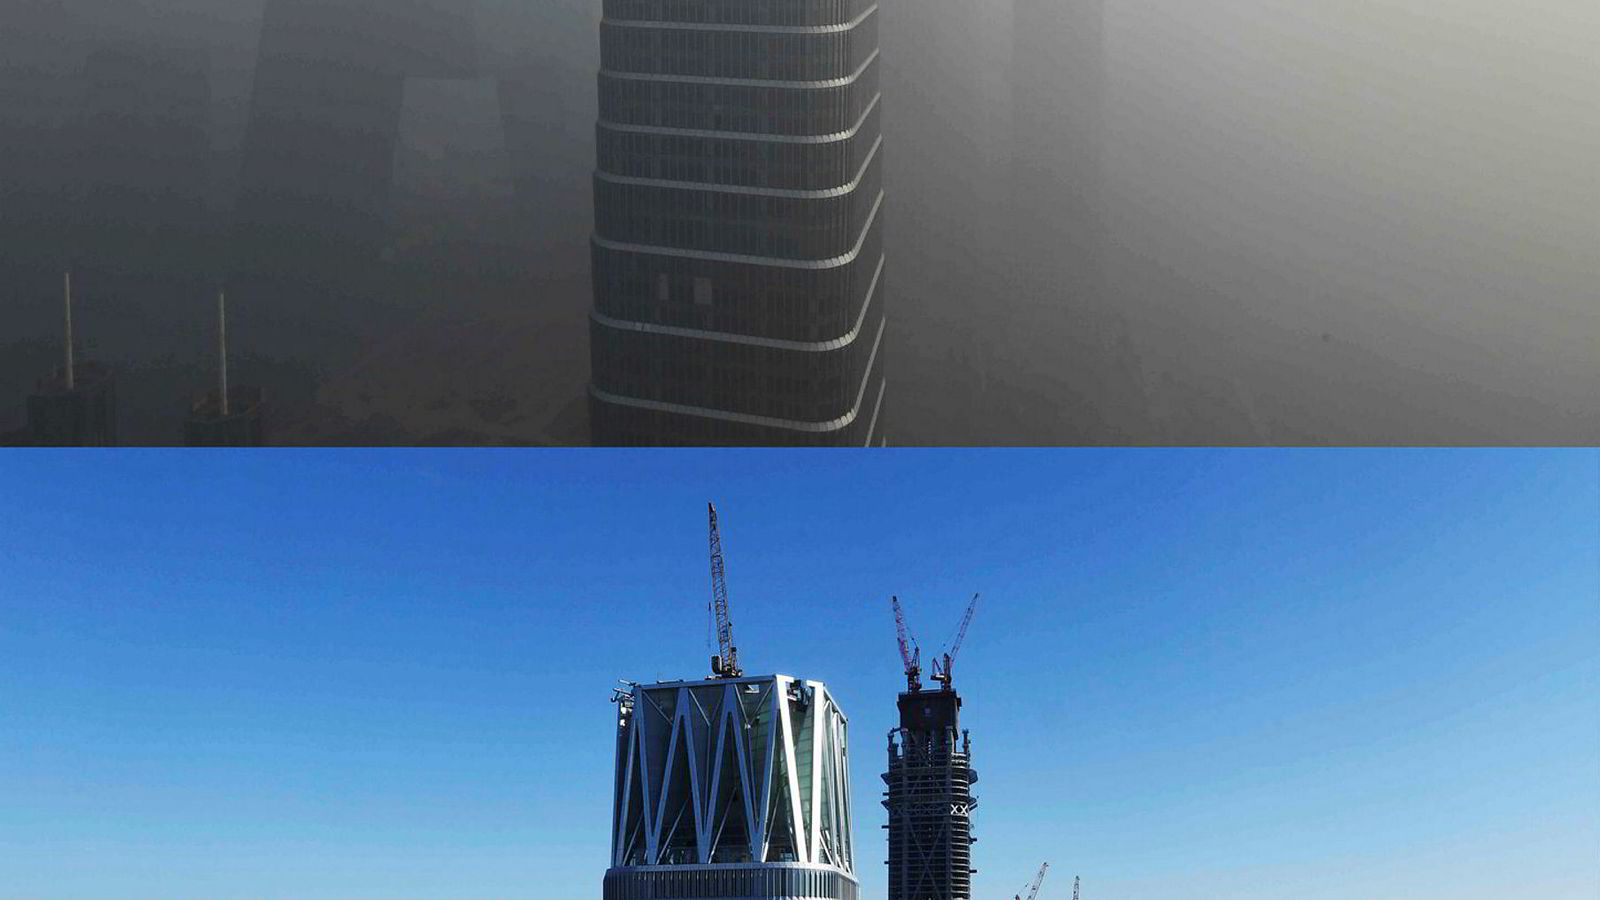 Sterk forurensing gjør at myndighetene stenger det siste kullkraftverket i Beijing.